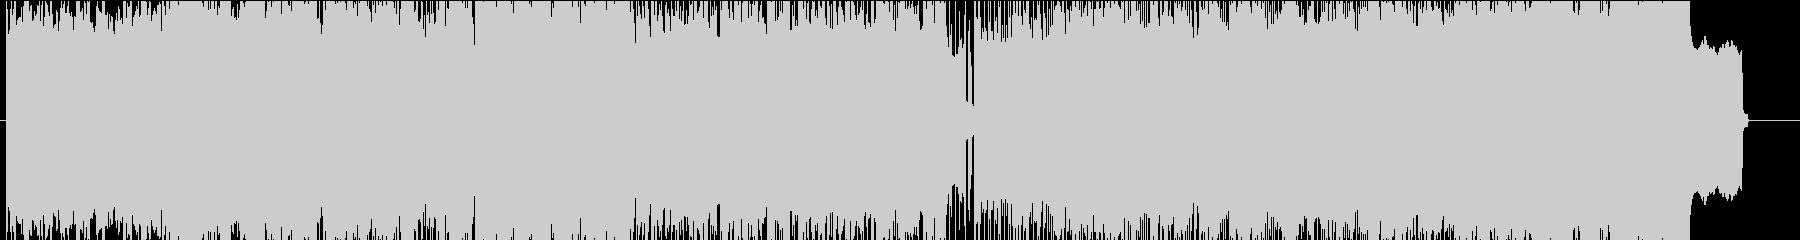 FM音源アーケードゲーム風・変拍子の未再生の波形